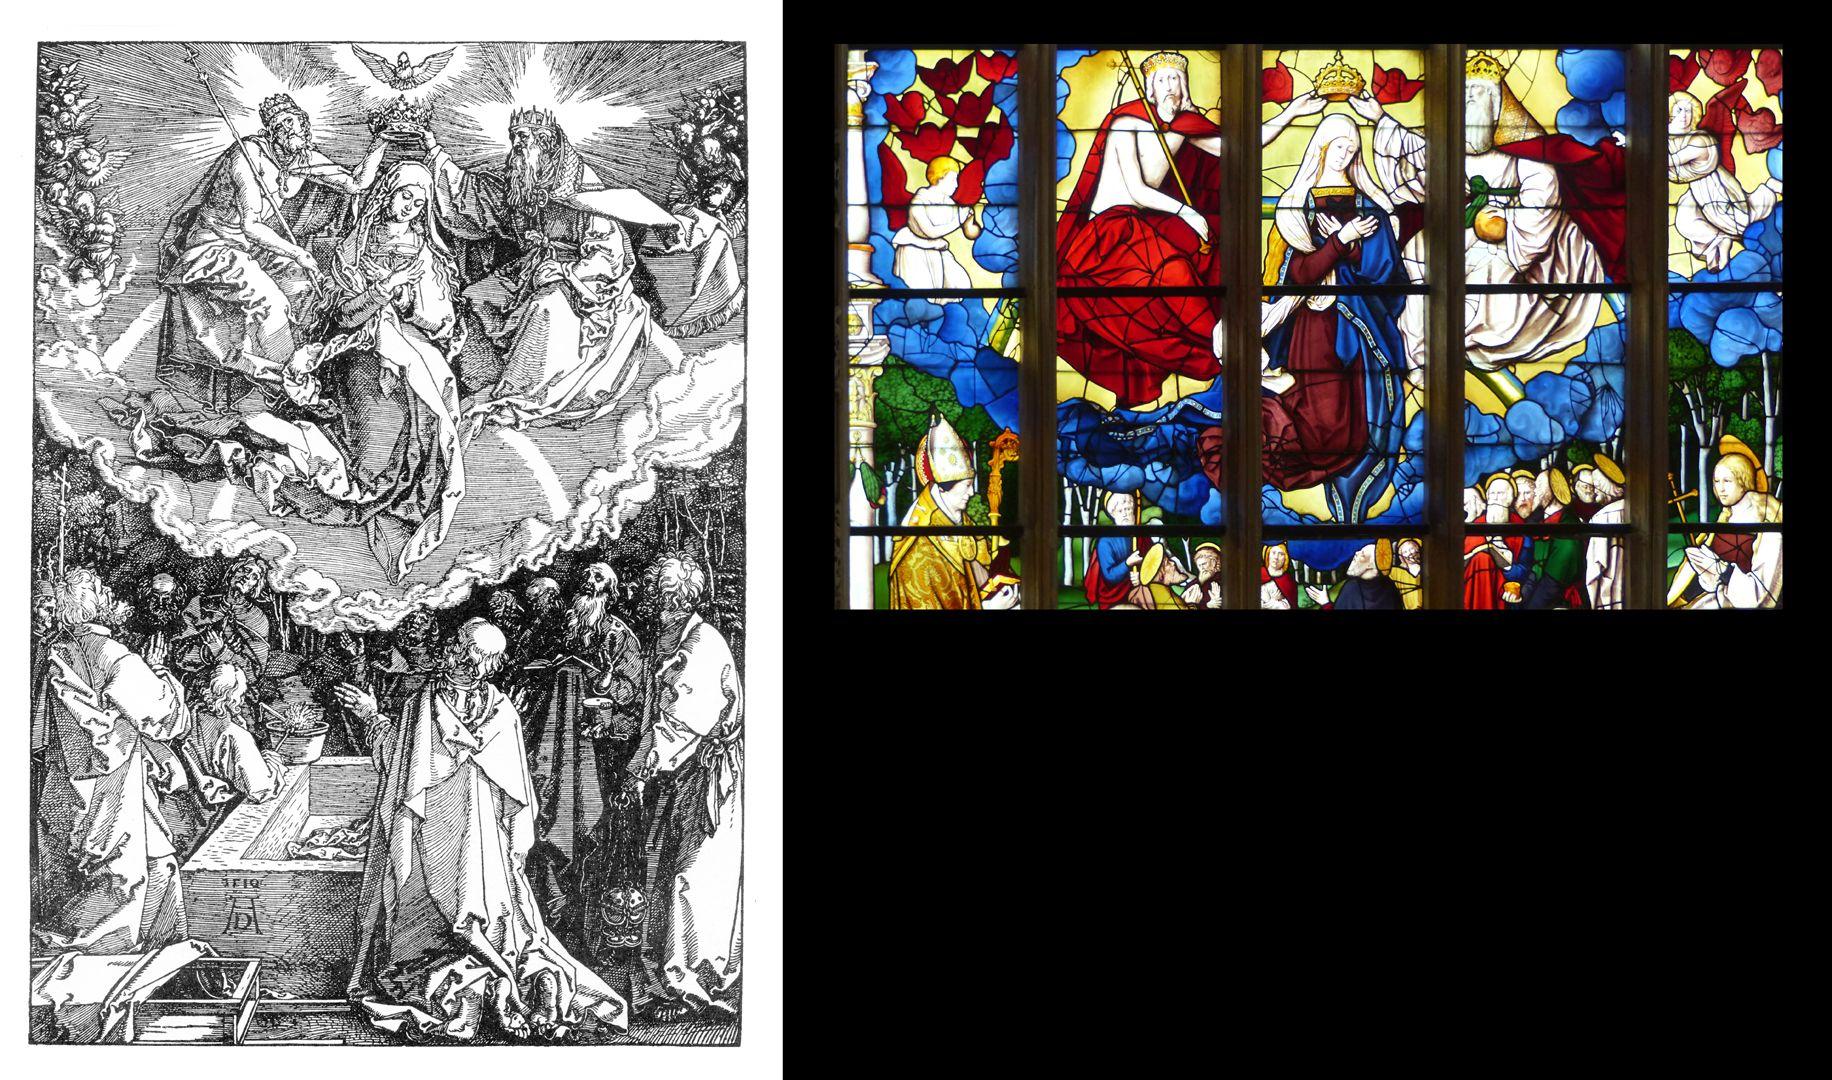 Himmelfahrt und Krönung Mariä Gegenüberstellung Dürer und Fenster in Brou